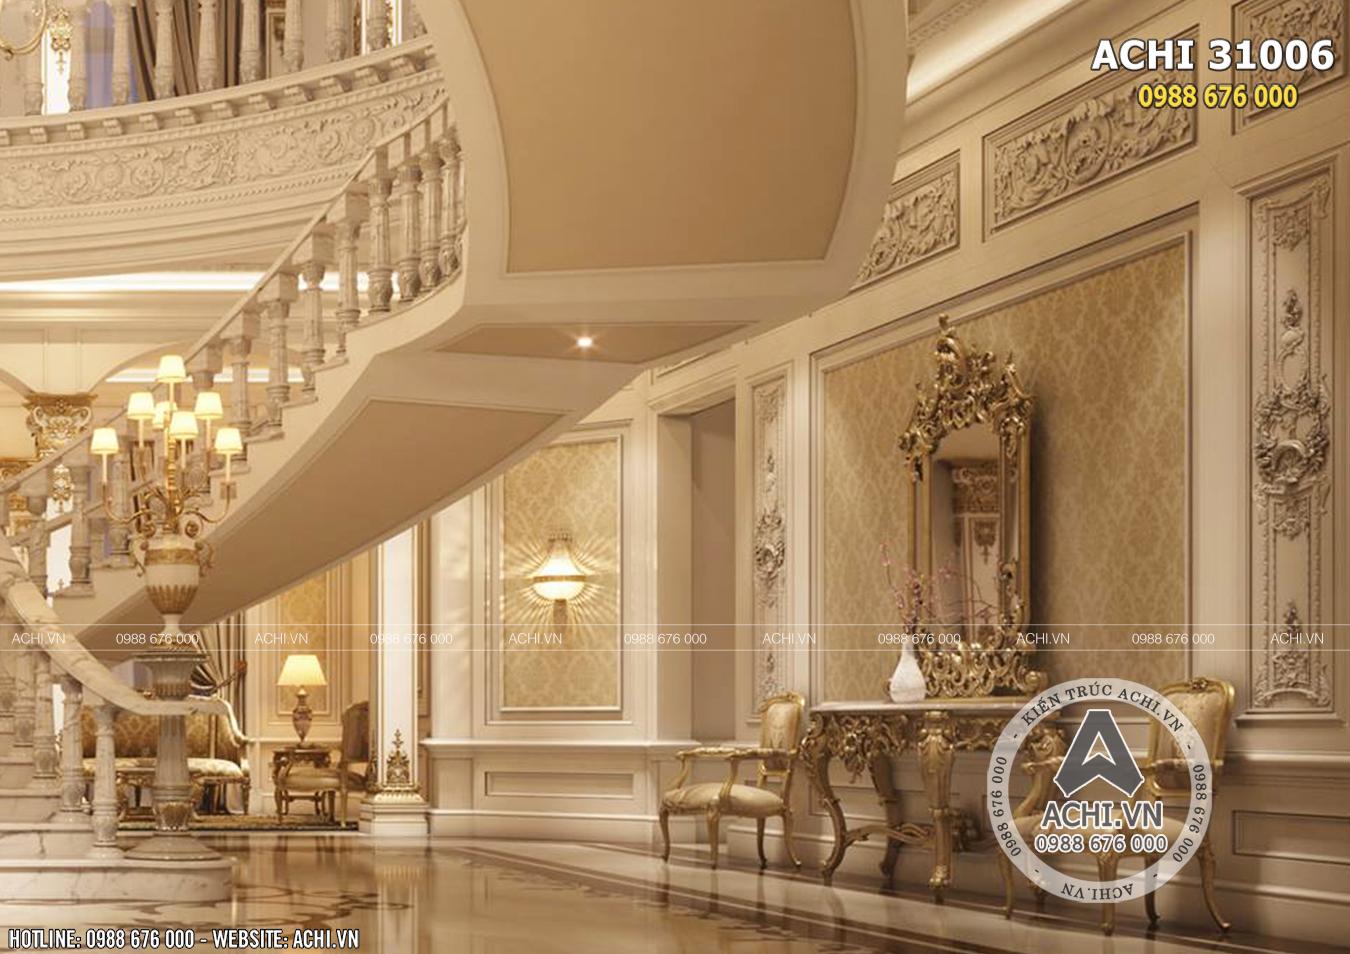 Nội thất lâu đài cuốn hút với đường nét kiến trúc tinh tế